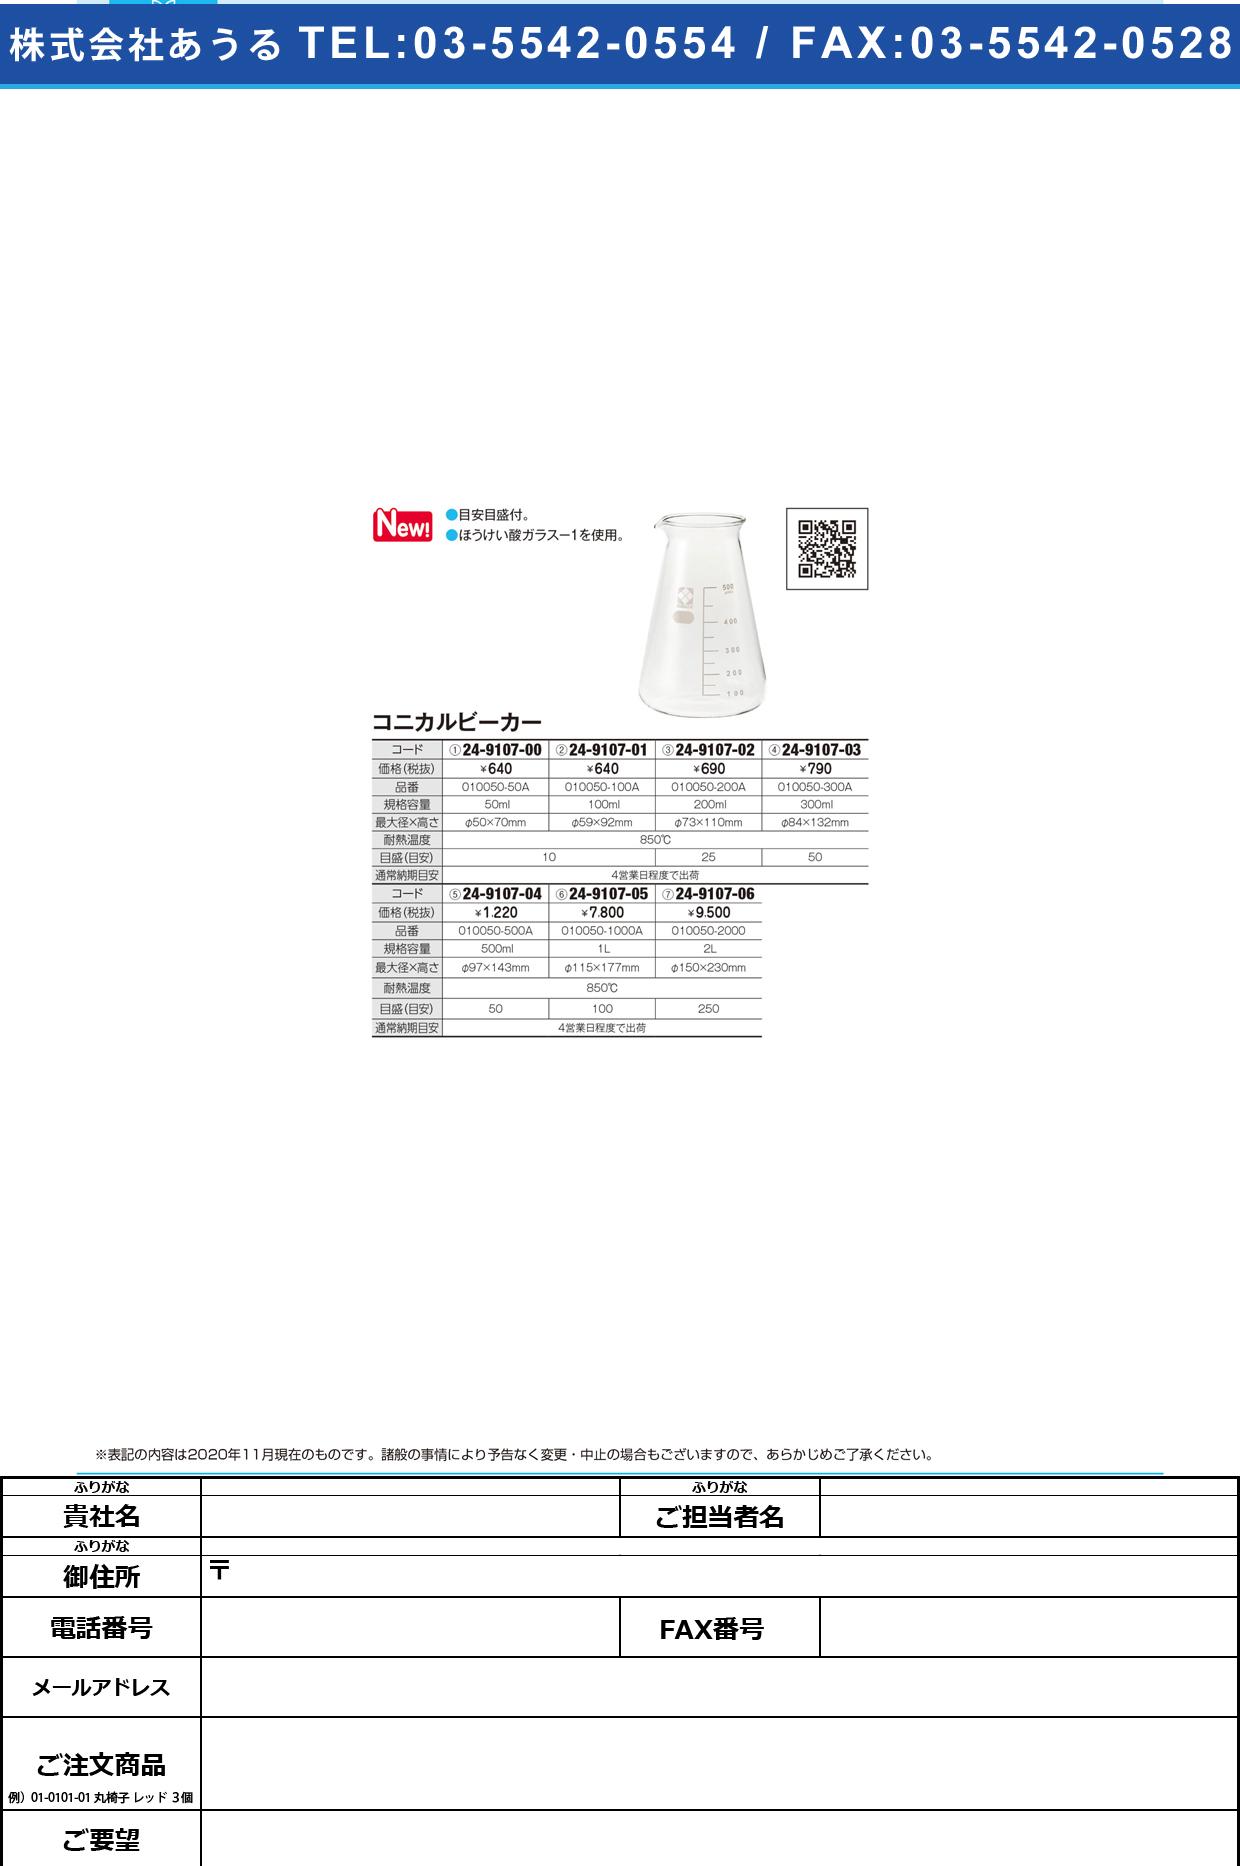 柴田 コニカルビーカー(目安目盛付)200ML(010050-200A)200ML(010050-200A)(24-9107-02)【東京硝子器械】(販売単位:1)